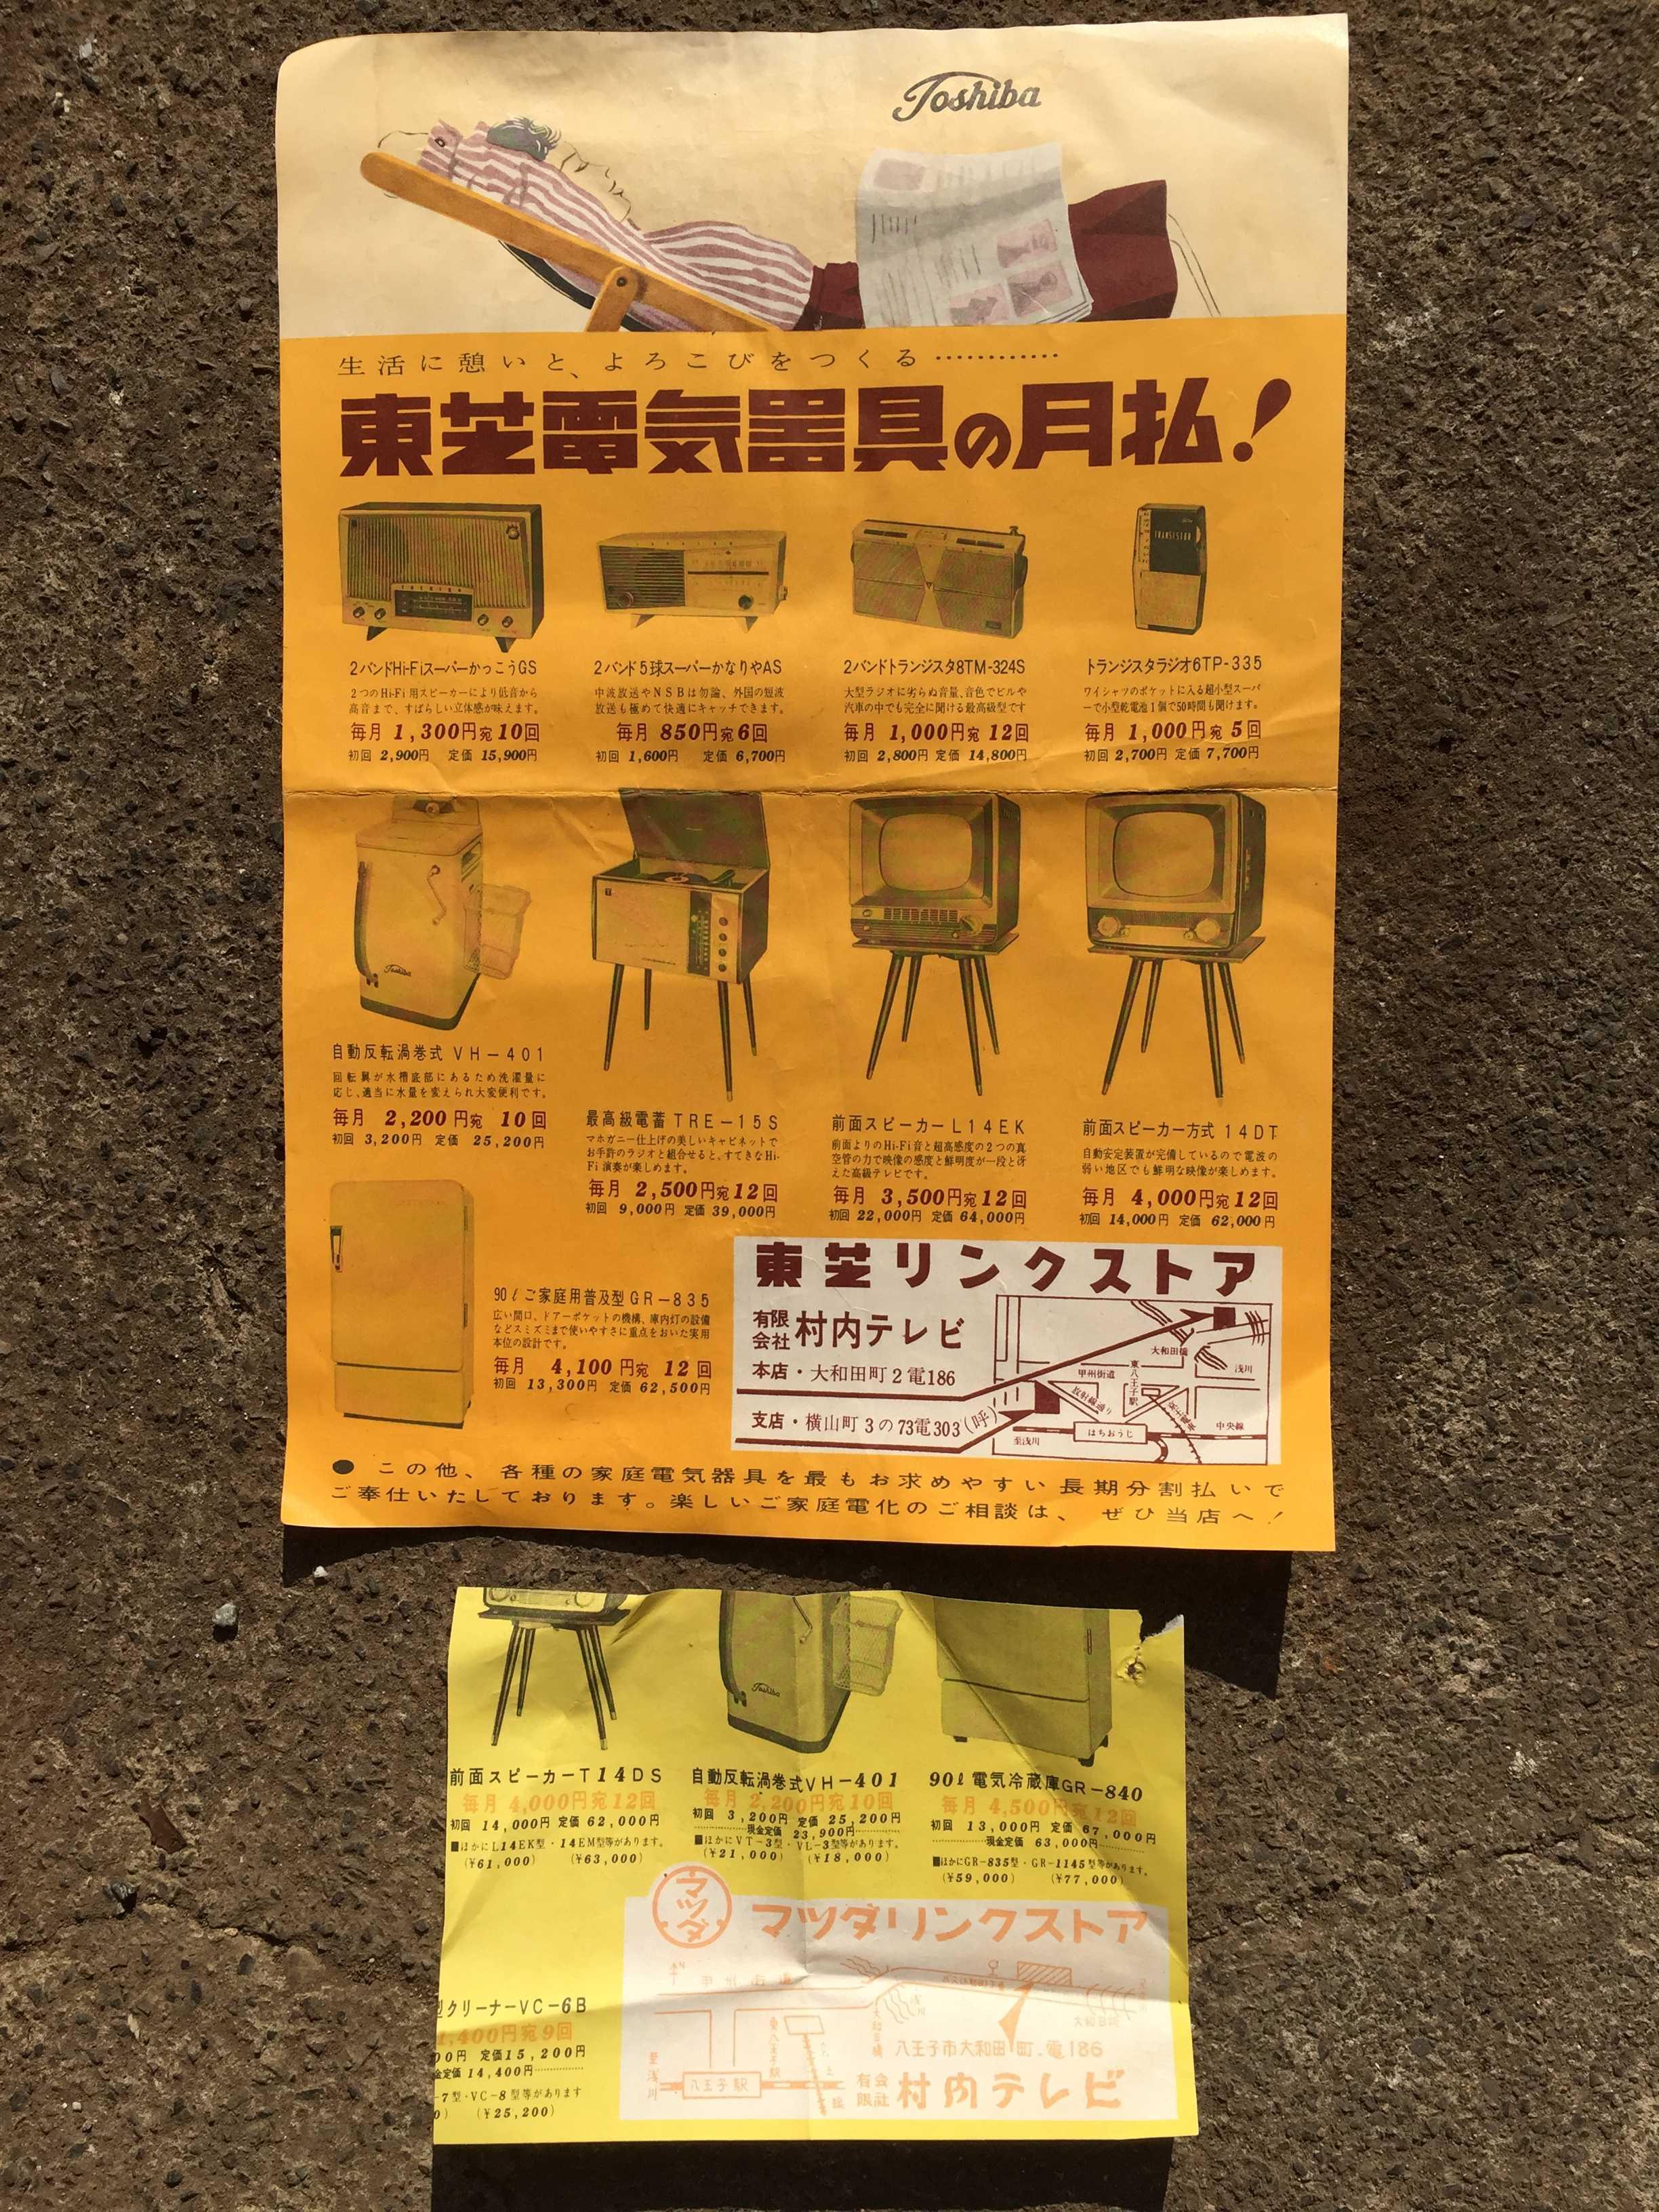 生活に憩いと、よろこびをつくる・・・・ 東芝電気器具の月払!